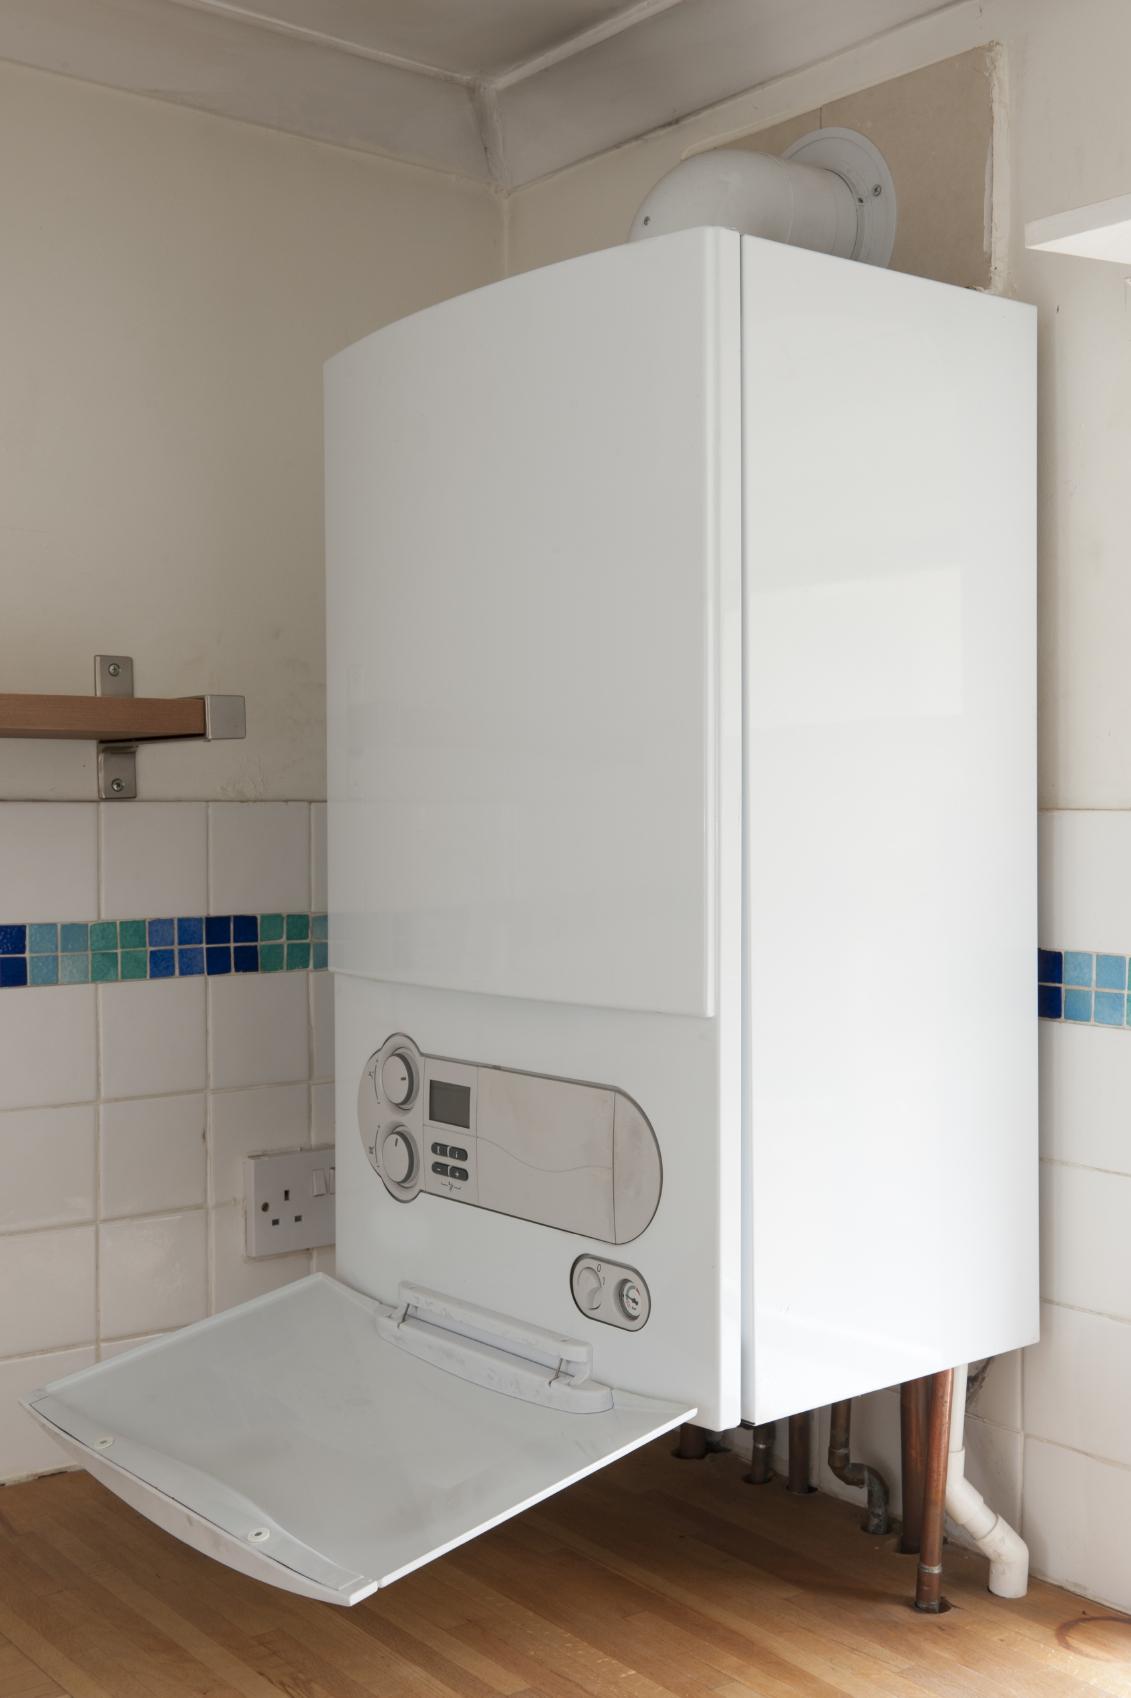 boiler installation easy build online. Black Bedroom Furniture Sets. Home Design Ideas